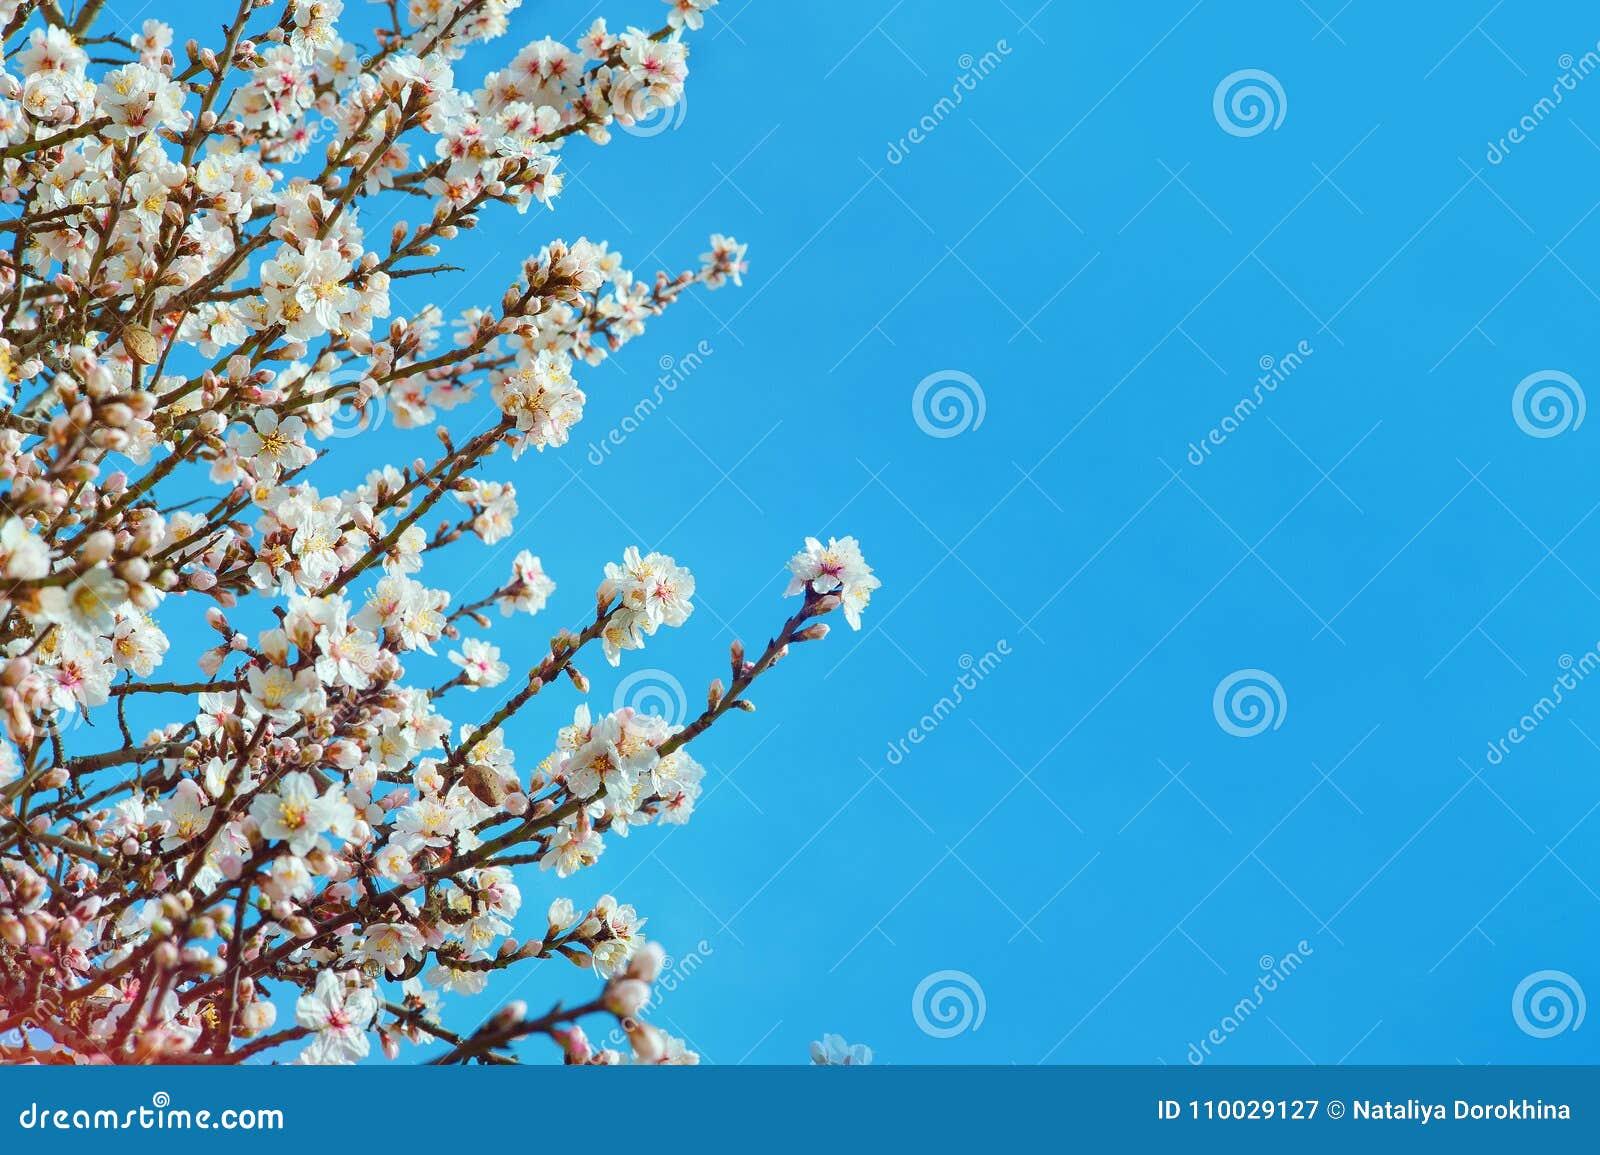 Grote textuur van amandelen roze bloemen op blauwe hemelachtergrond, met ondiepe diepte van gebied en selectieve nadruk op bloeme